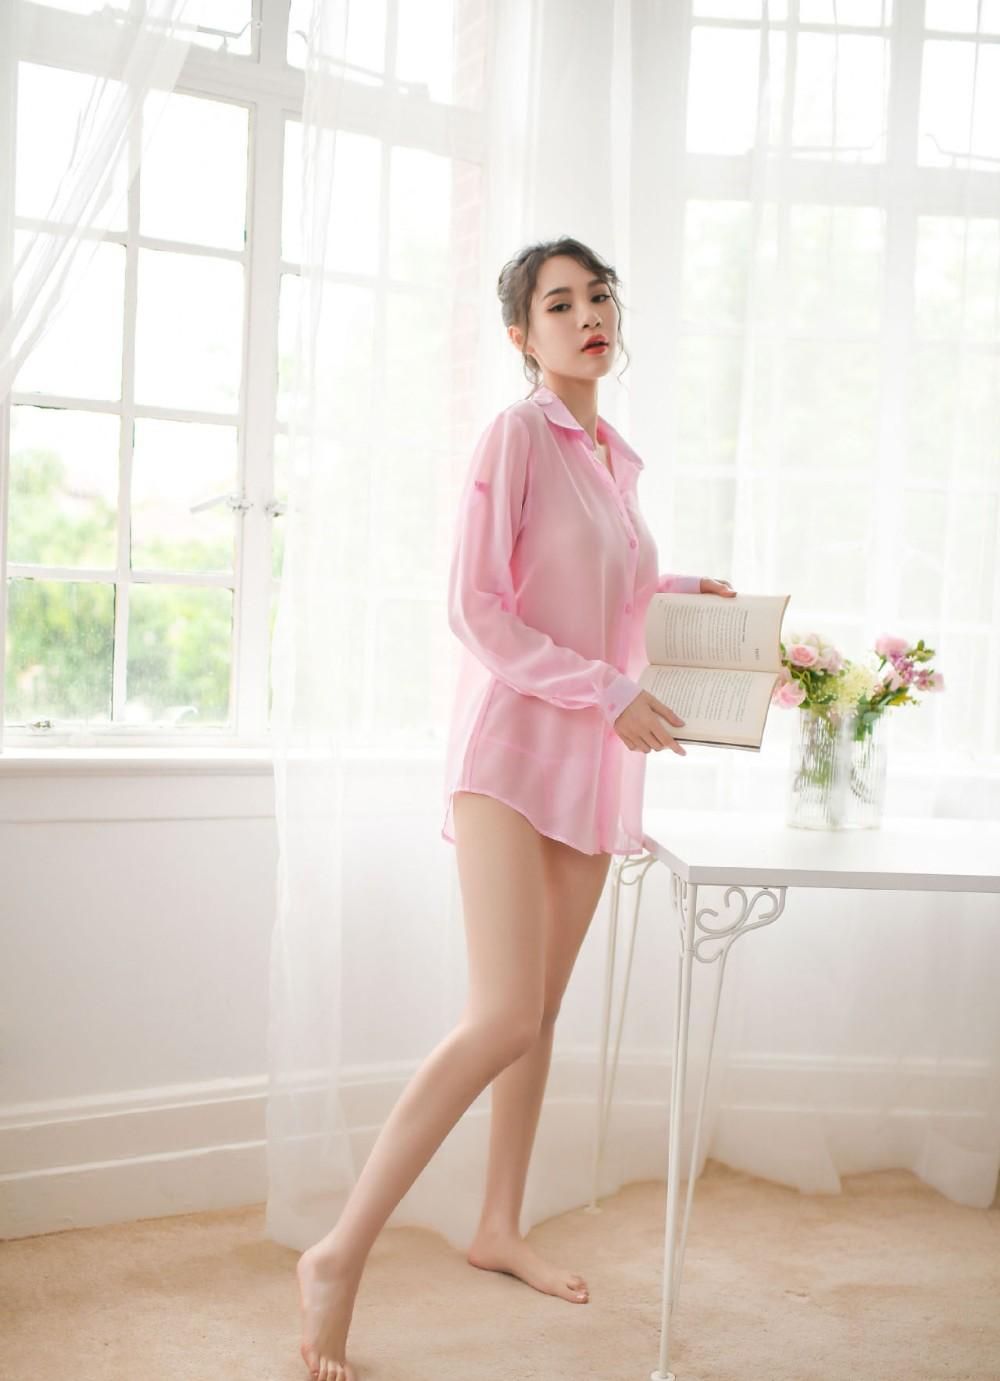 Japanese Teen Girl Underwear Sexy Hot Transparent Mature